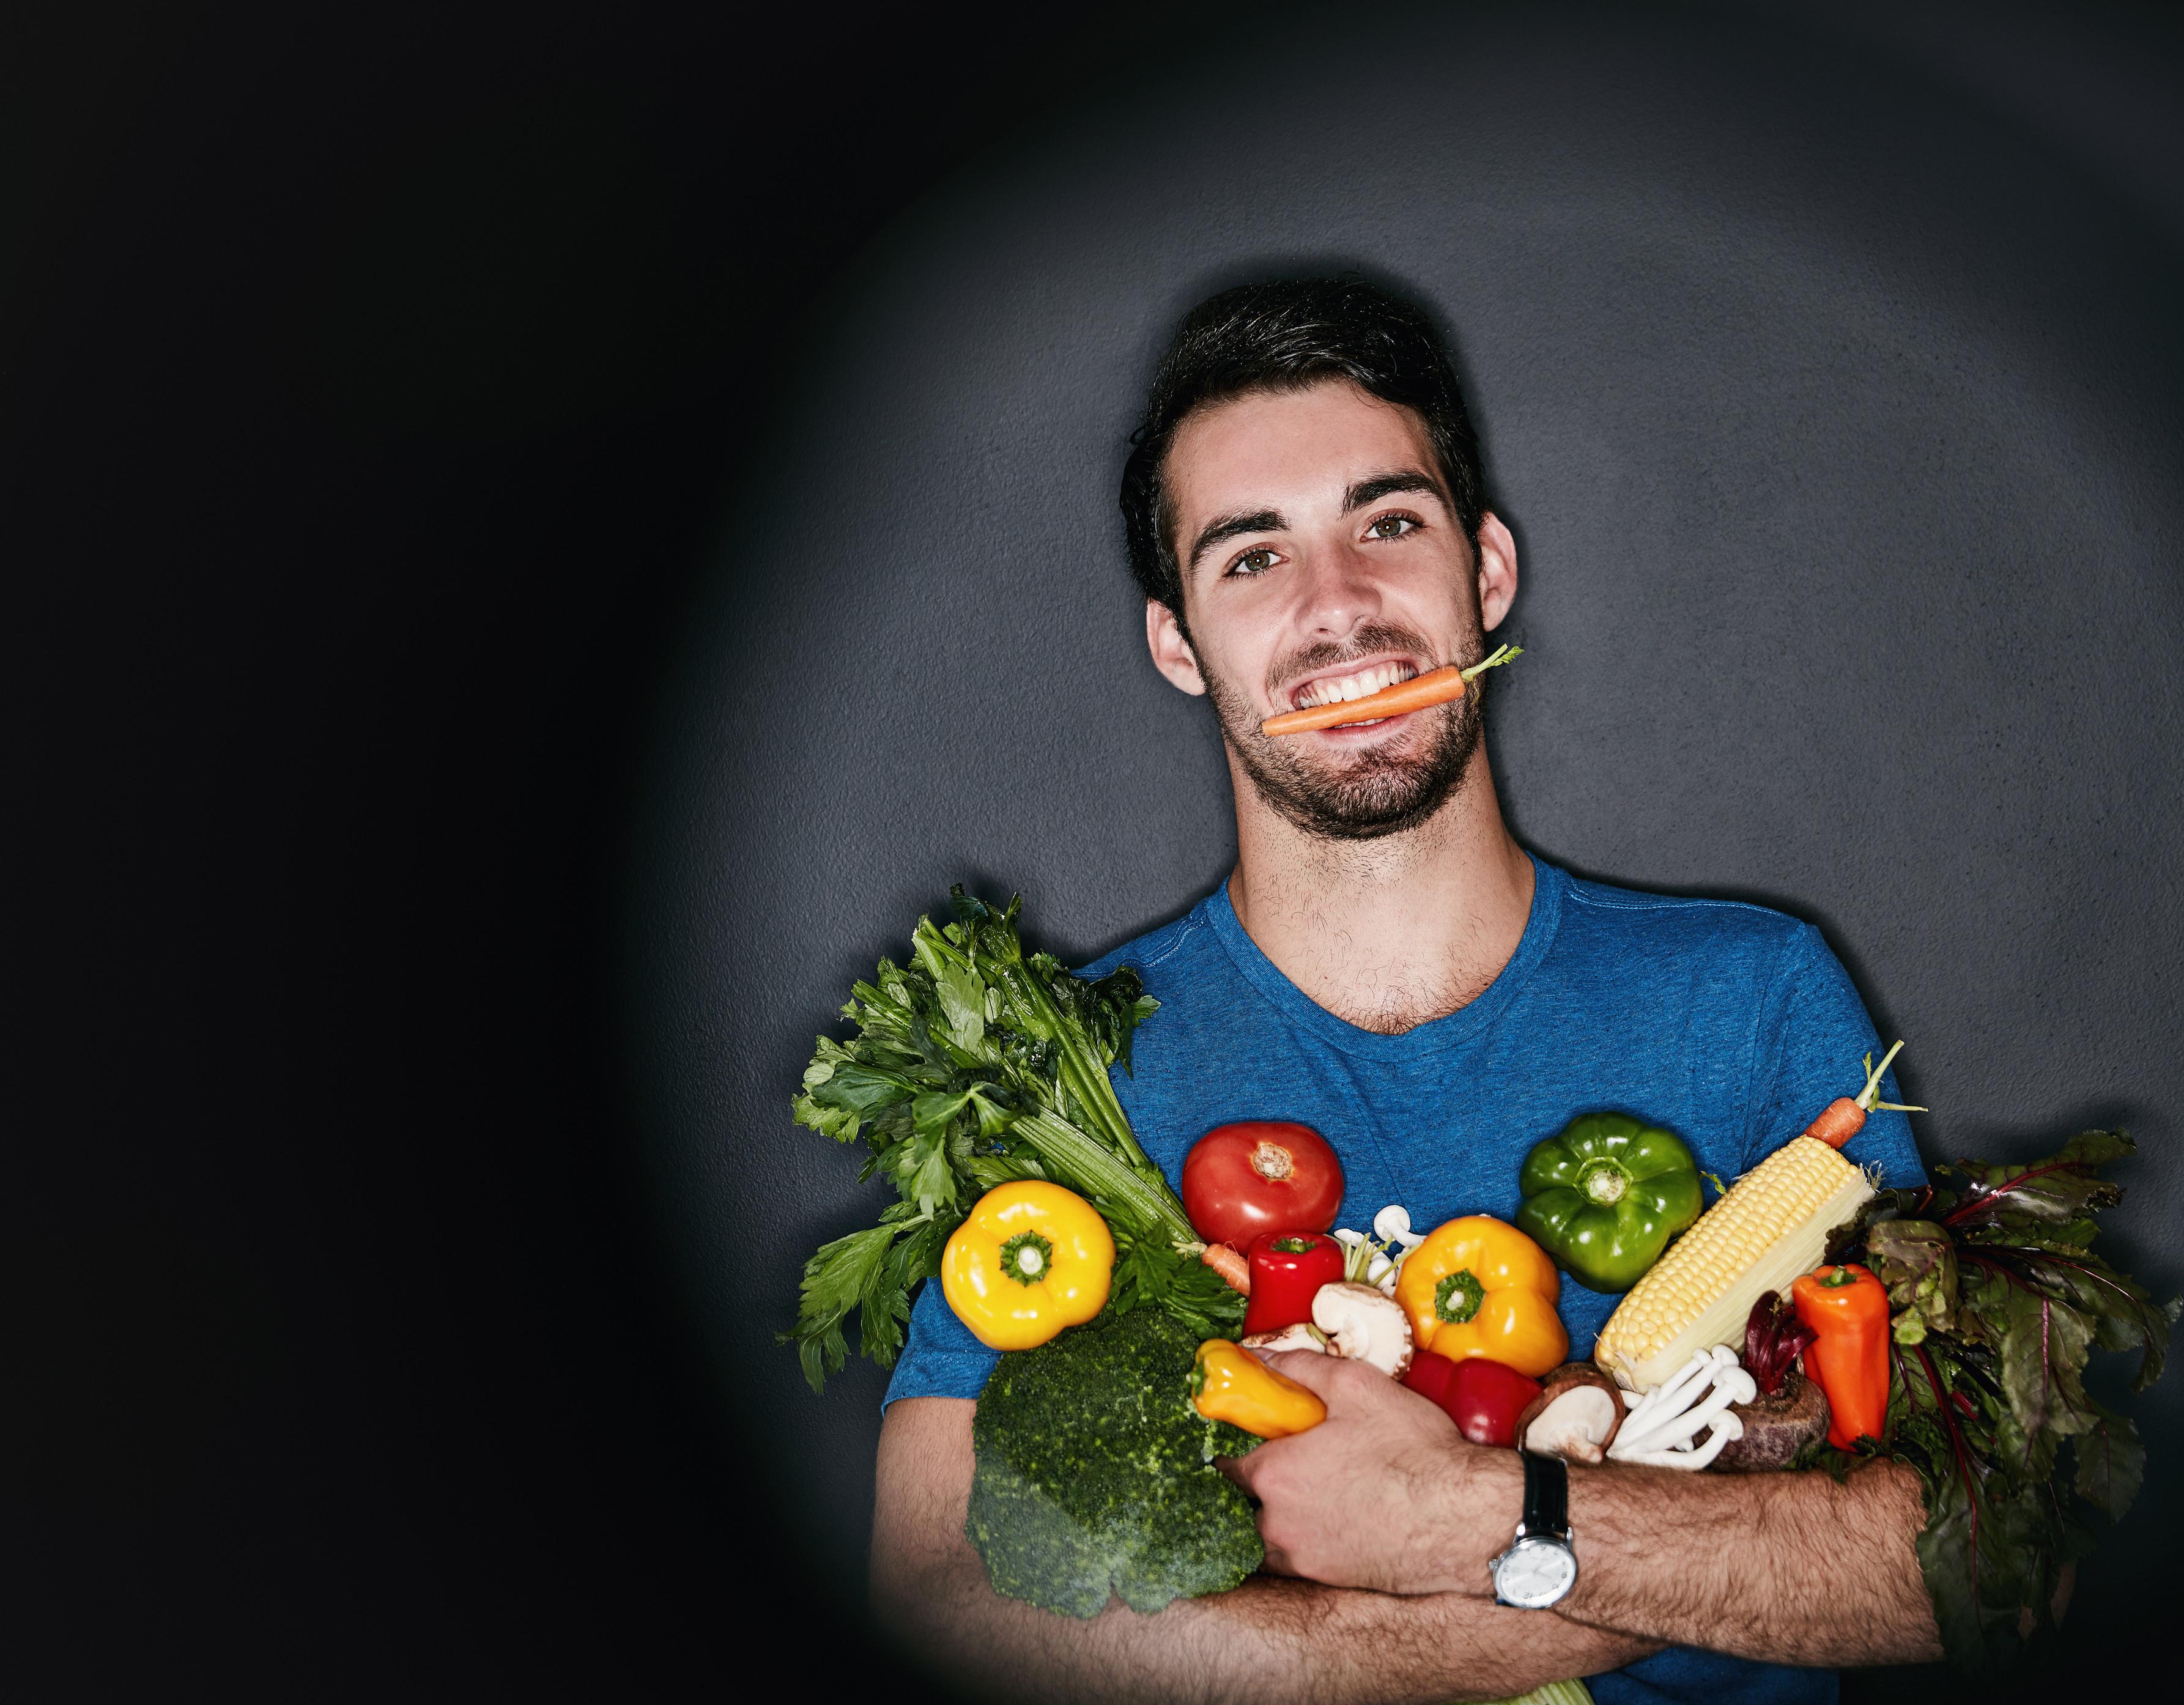 Quais os riscos e benefícios de se tornar vegano ou vegetariano?